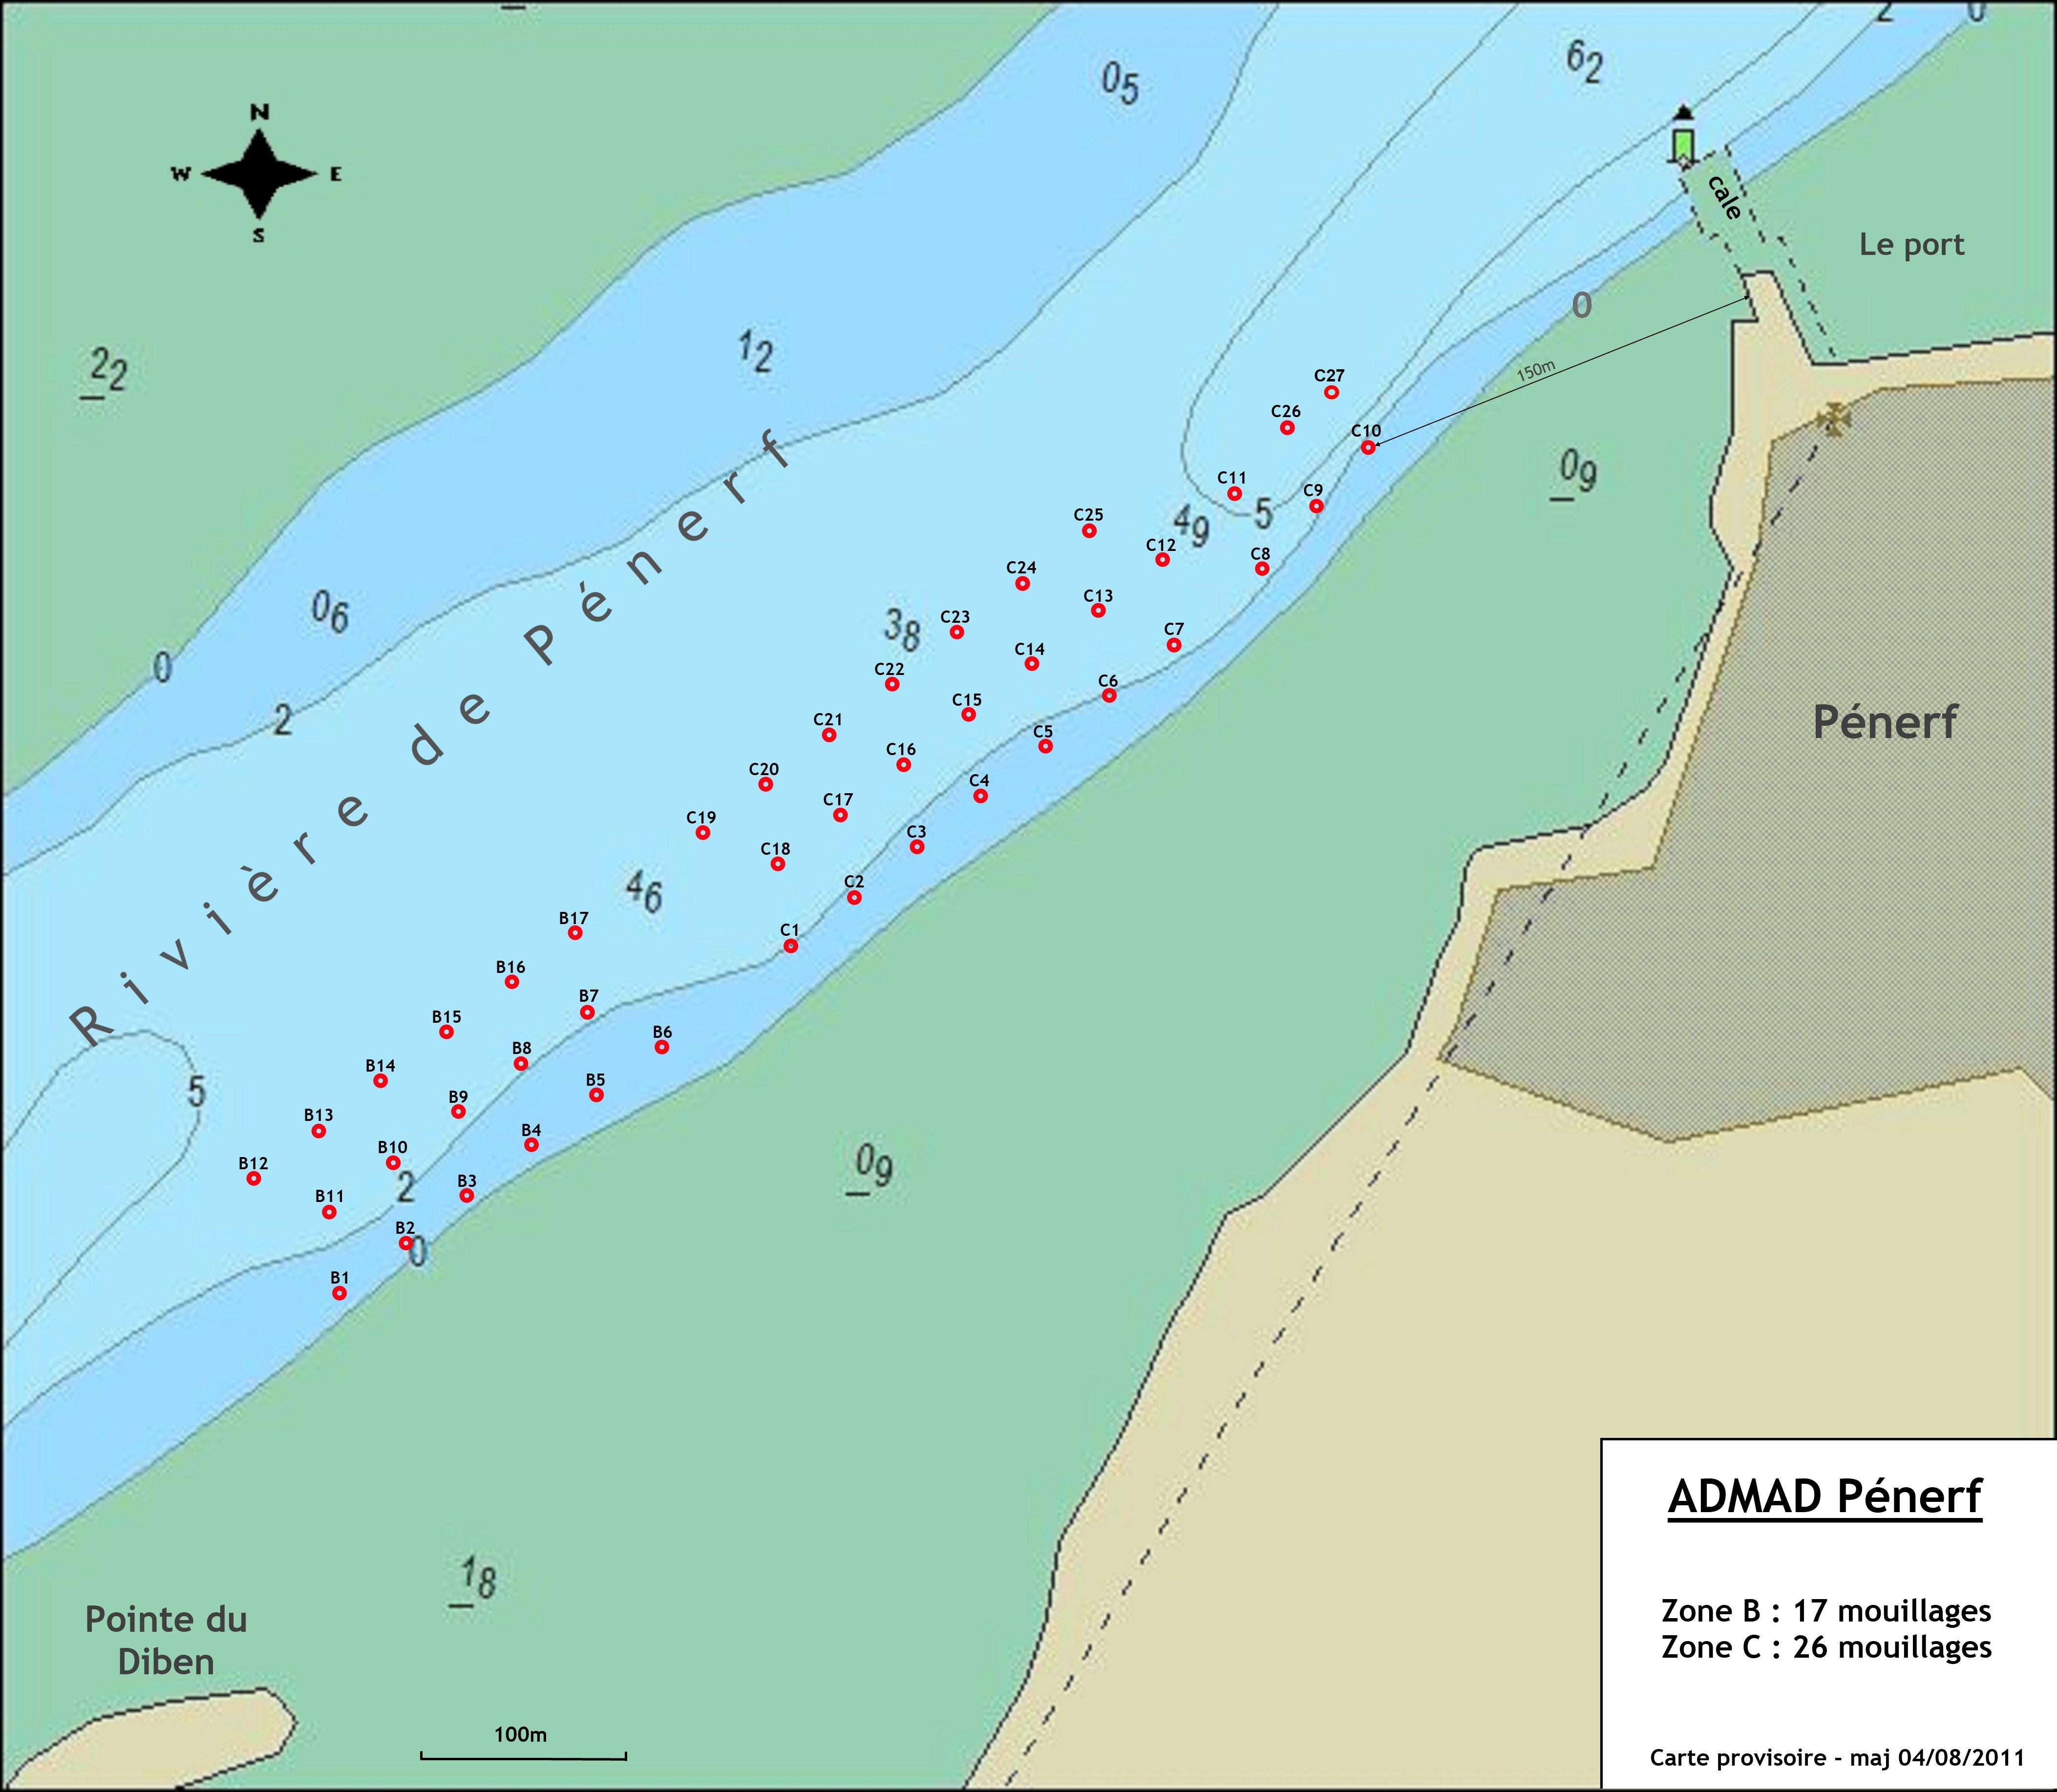 Rivière de Pénerf - Zone B & C